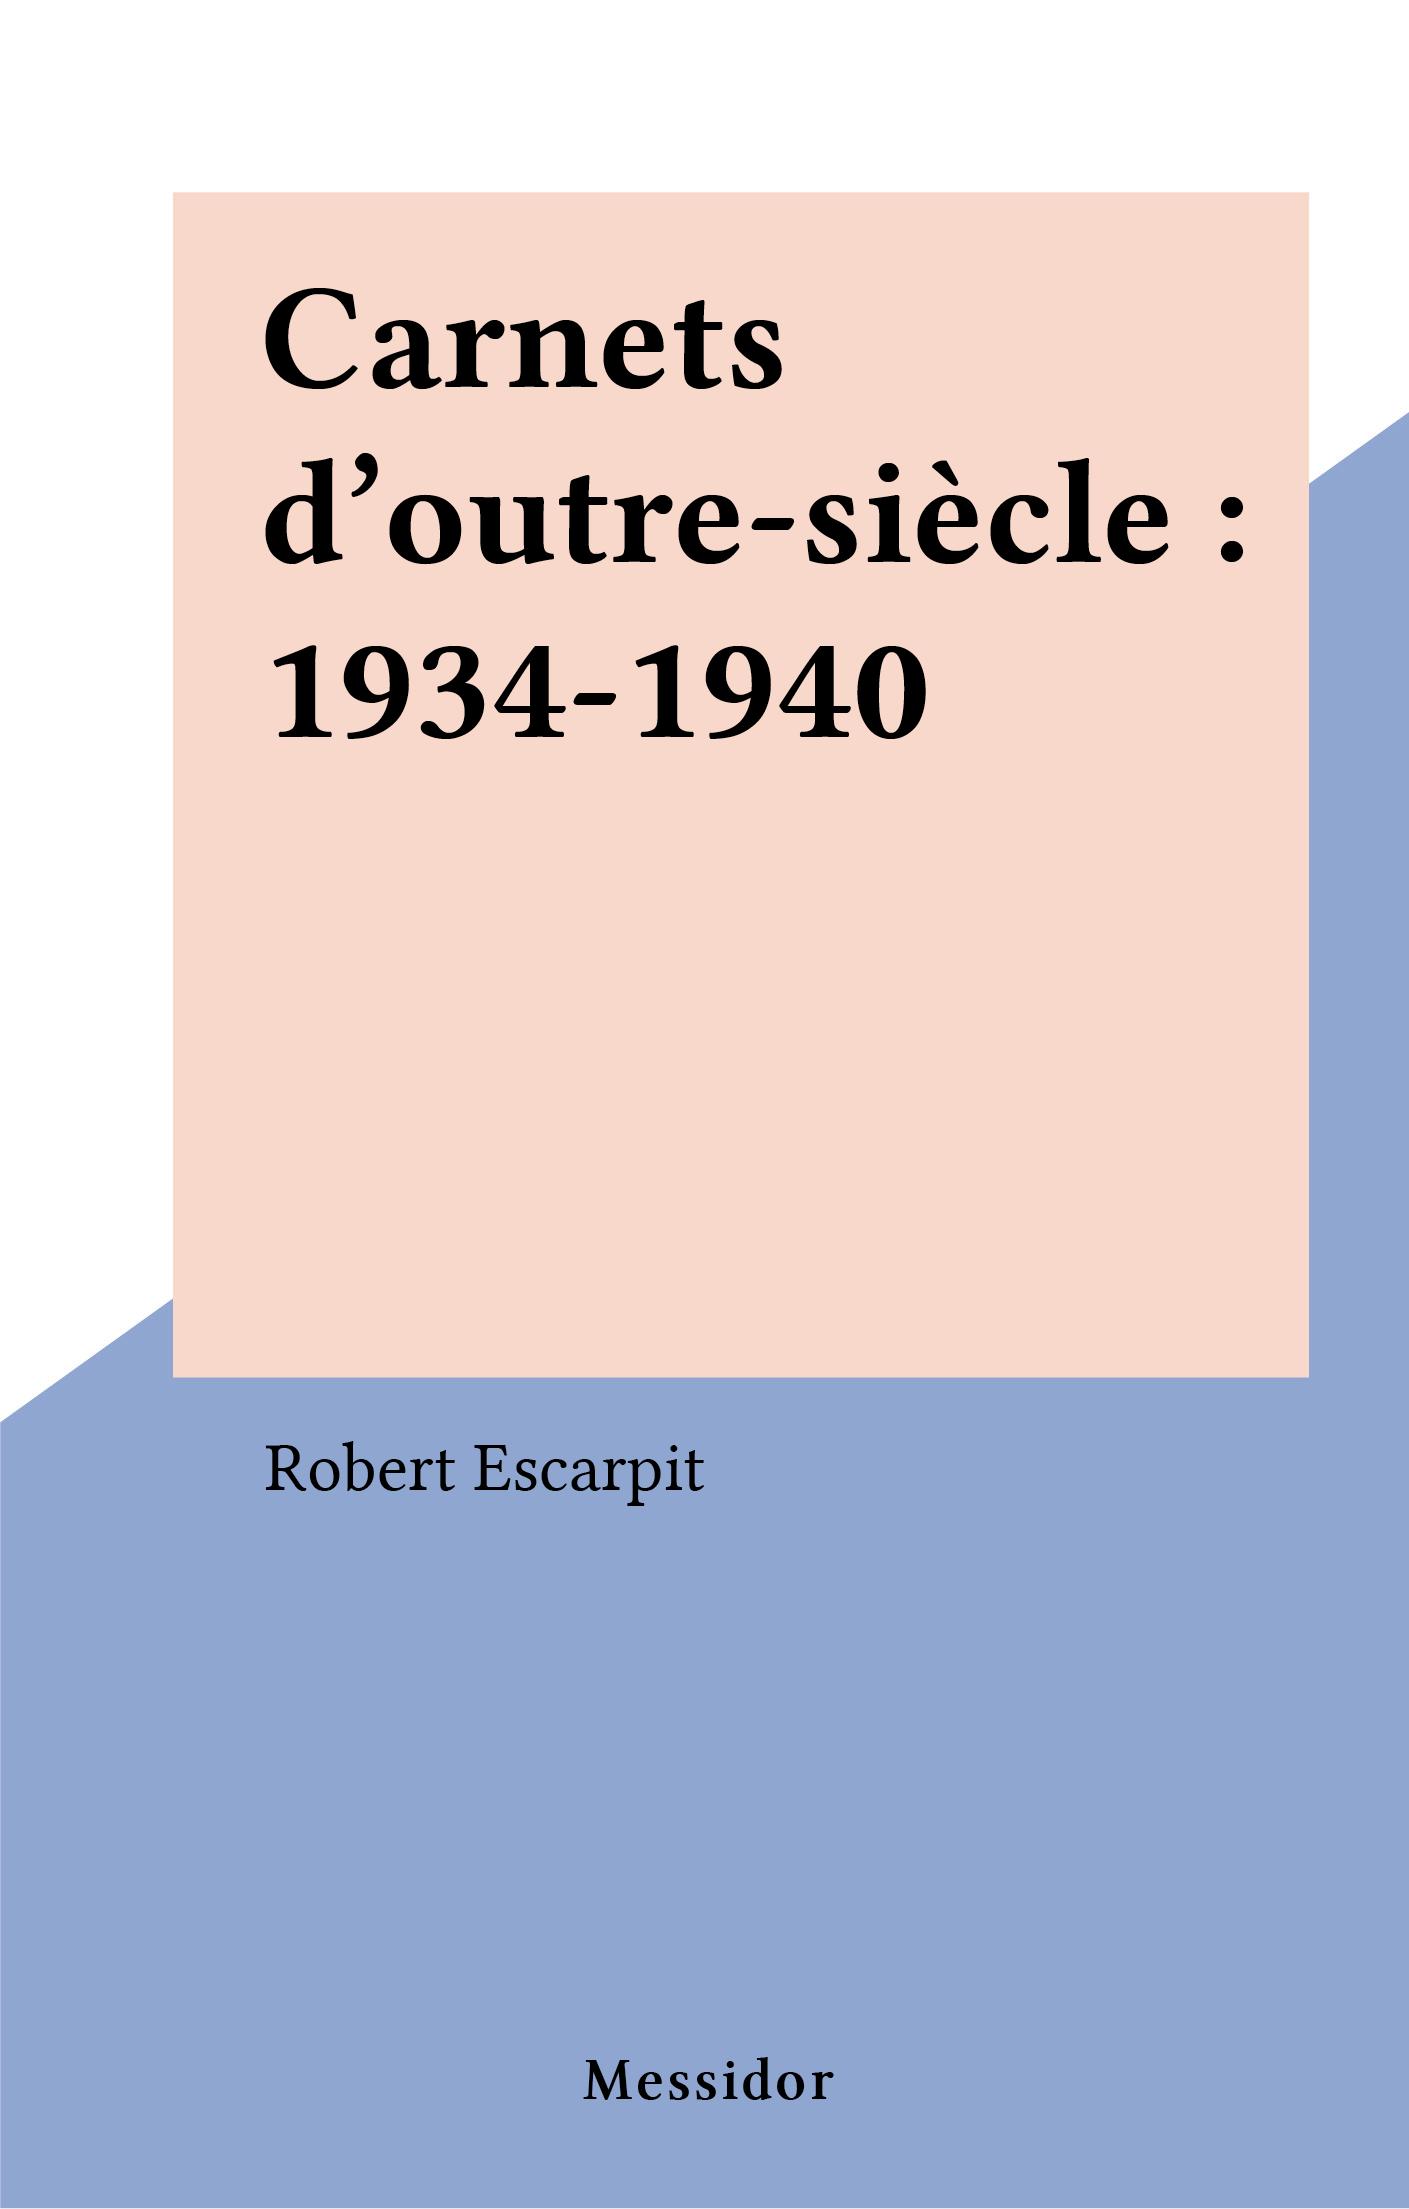 Carnets d'outre-siècle : 19...